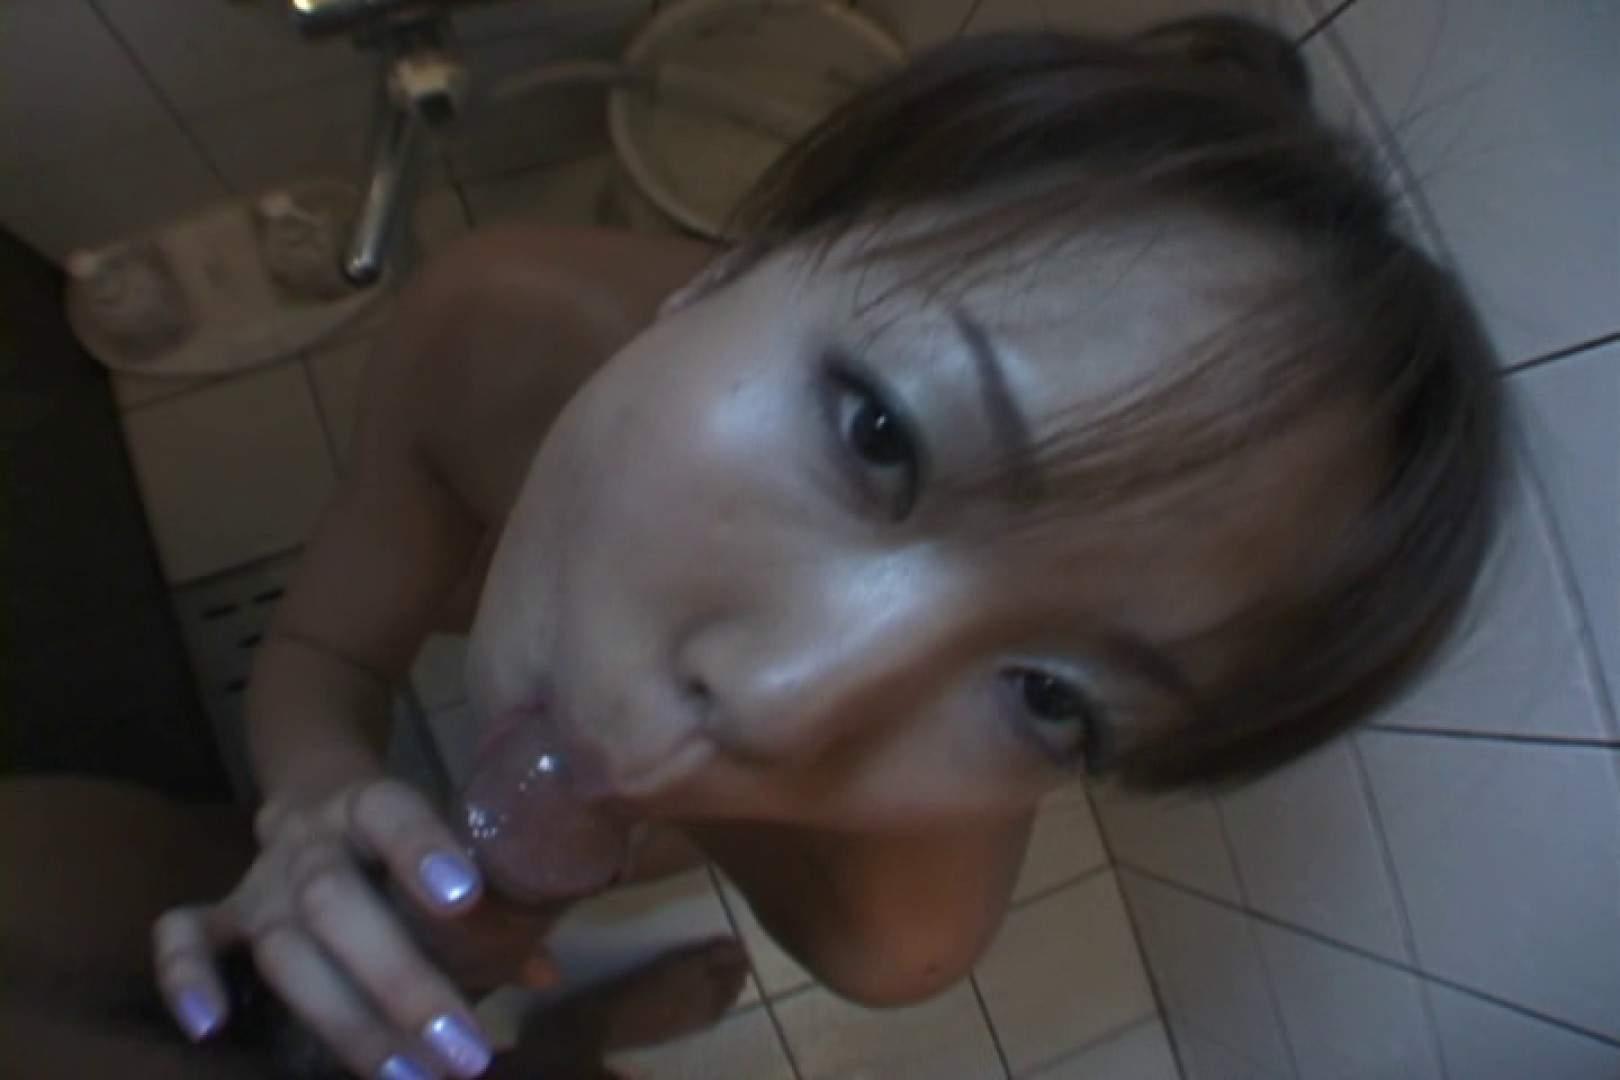 旦那との愛よりも、愛人とのSEX~片瀬梨子~vol,2 OLヌード天国 AV動画キャプチャ 88PIX 38